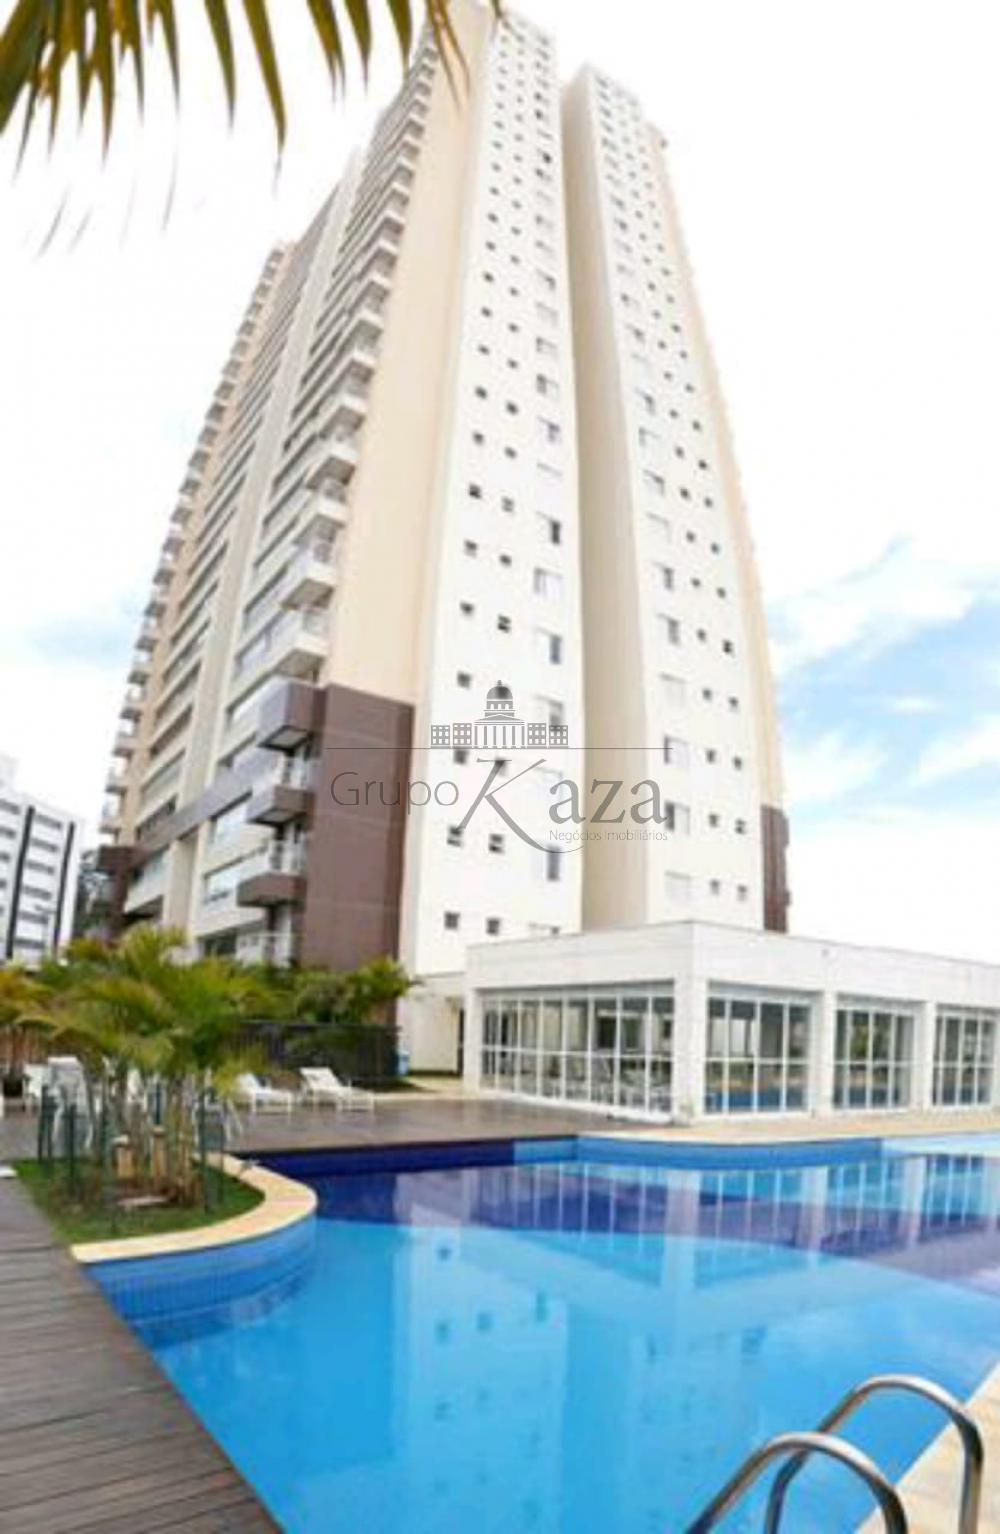 Sao Jose dos Campos Apartamento Venda R$949.900,00 Condominio R$750,00 4 Dormitorios 3 Suites Area construida 167.00m2